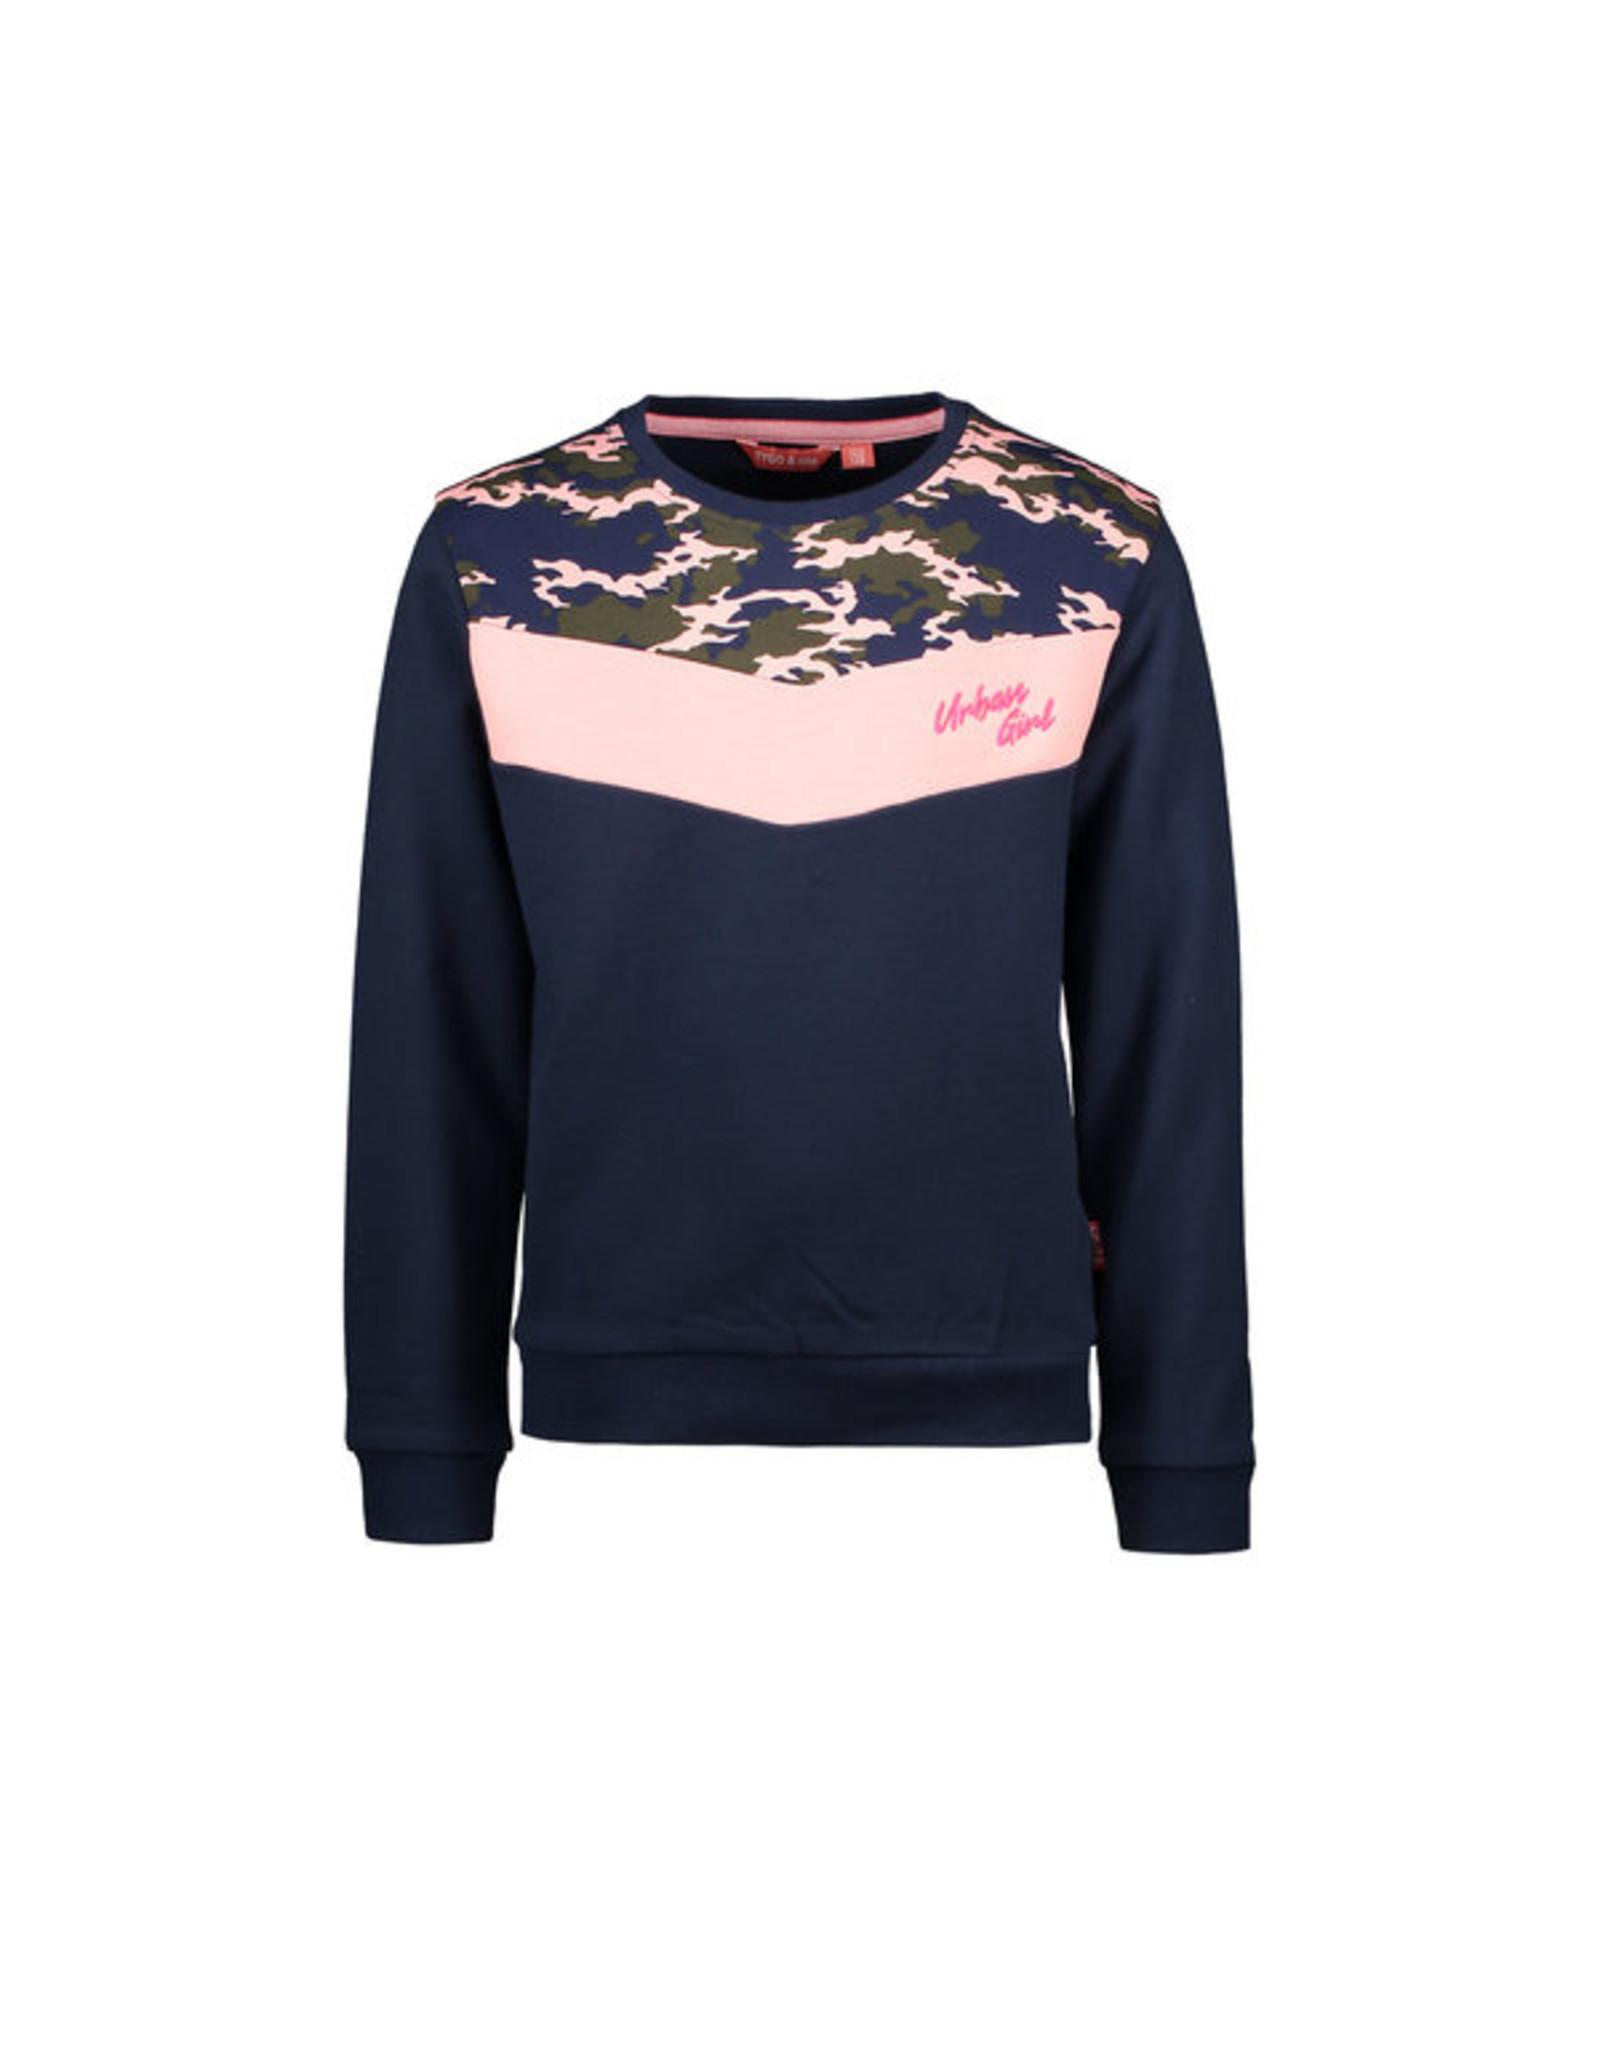 Tygo&Vito Tygo&Vito sweater 5302 navy